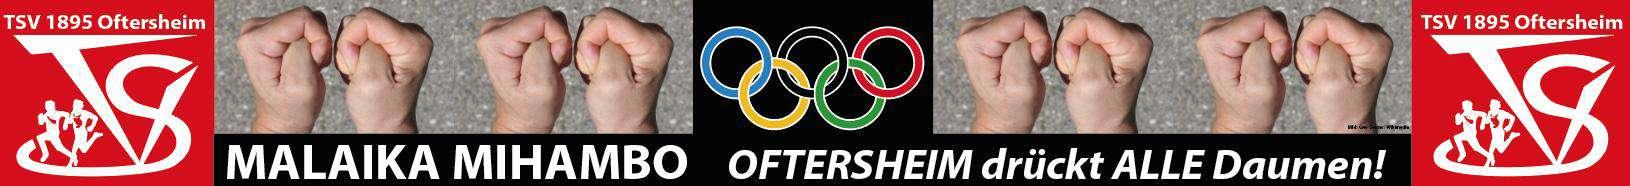 Olympische Spiele 2020 / Weltmeisterin Malaika Mihambo - TSV Oftersheim drückt die Daumen